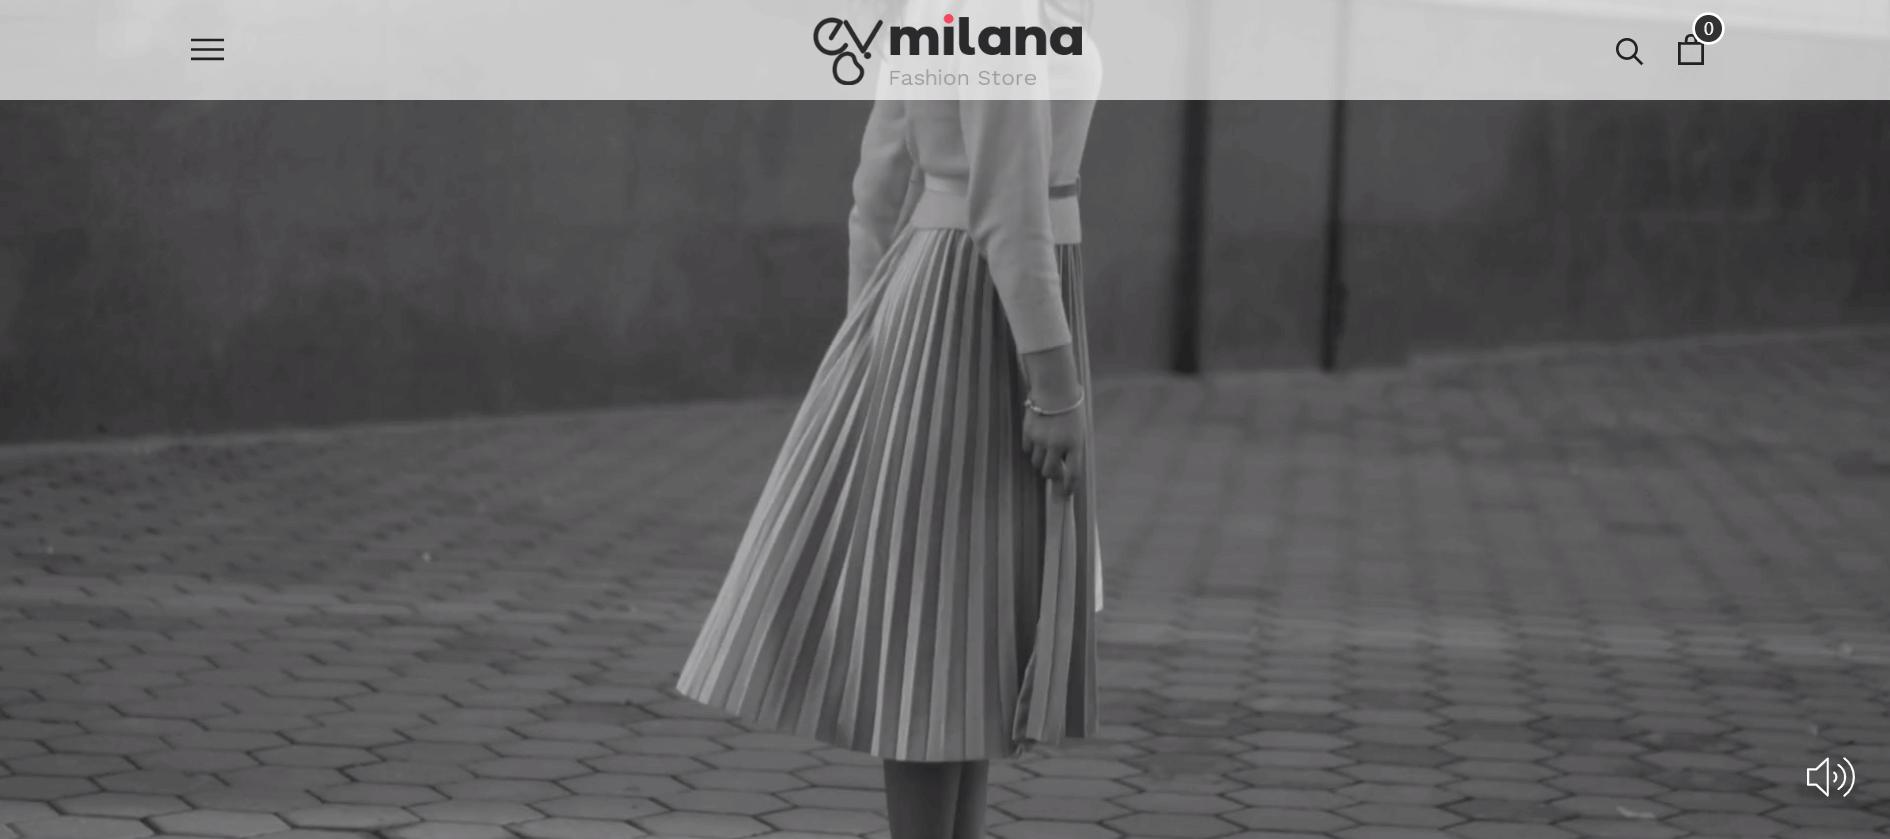 Evo Milana Video